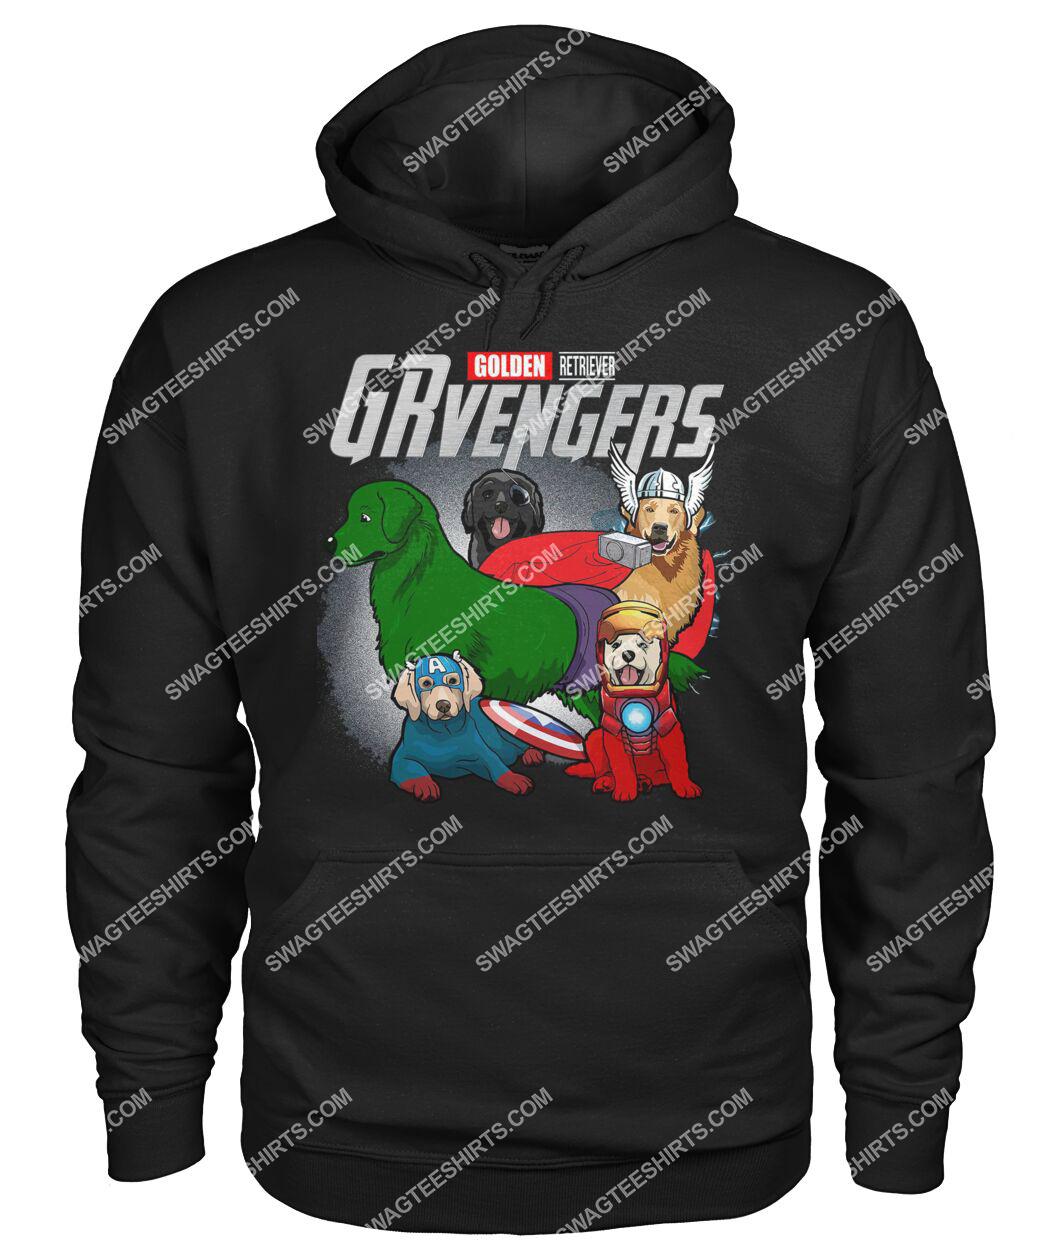 golden retriever grvengers marvel avengers dogs lover hoodie 1